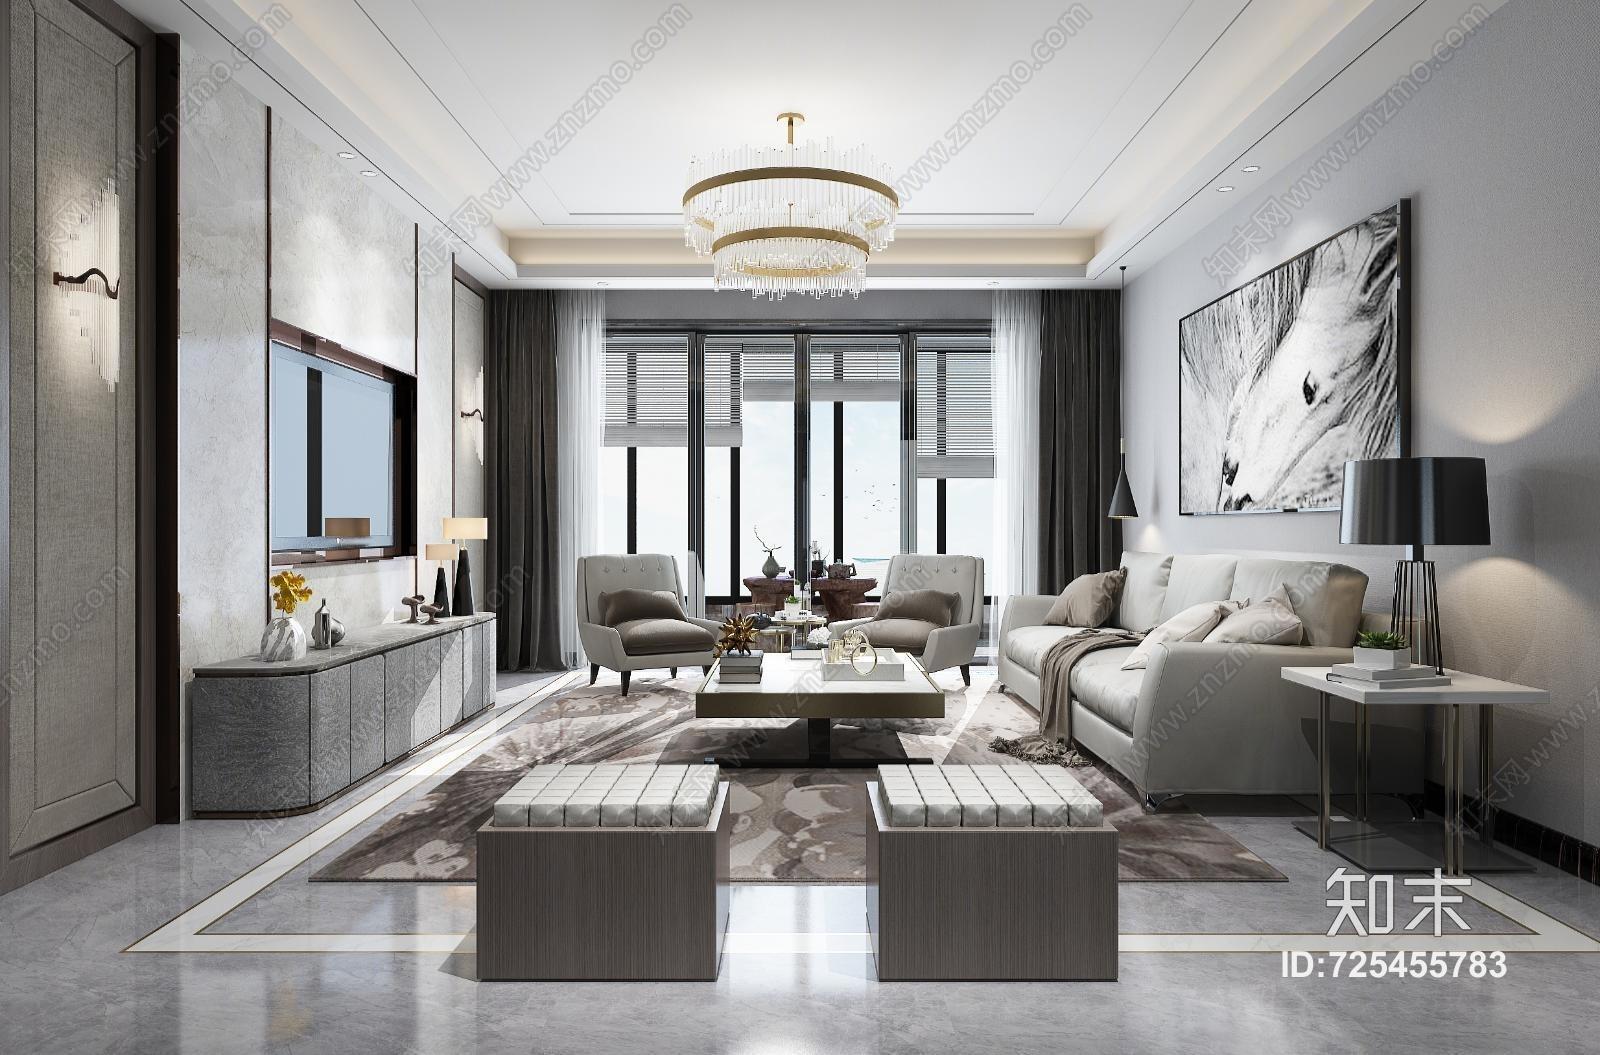 现代客厅 电视柜 沙发 吊灯 桌面摆件 挂画